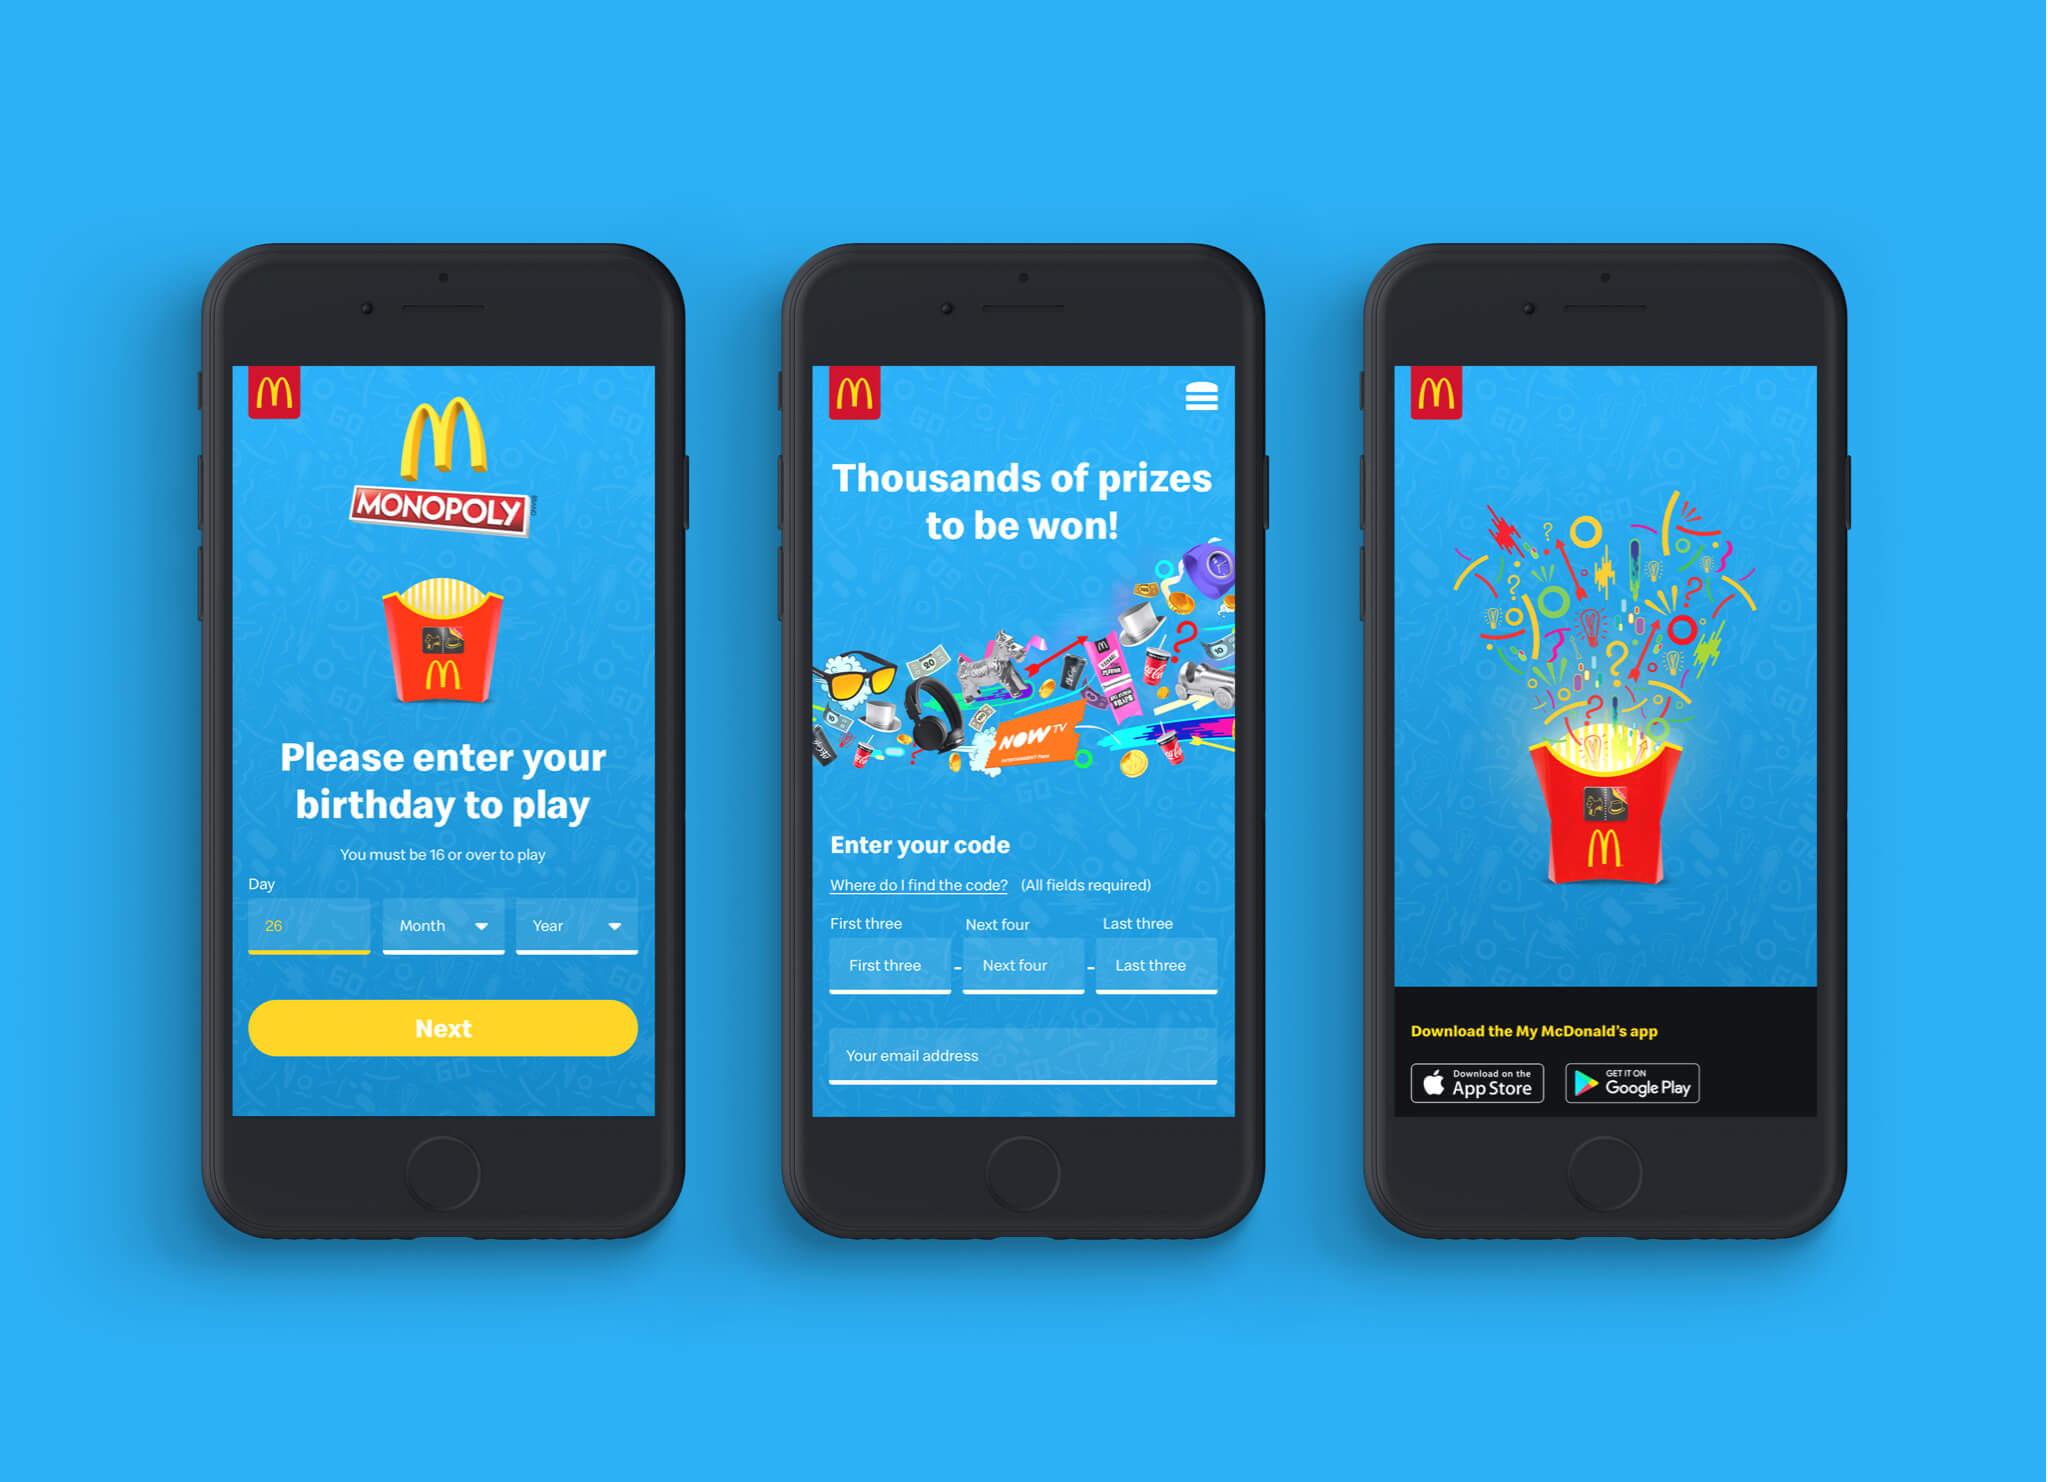 EU_McDonalds_Monopoly_UK_FullWidth02